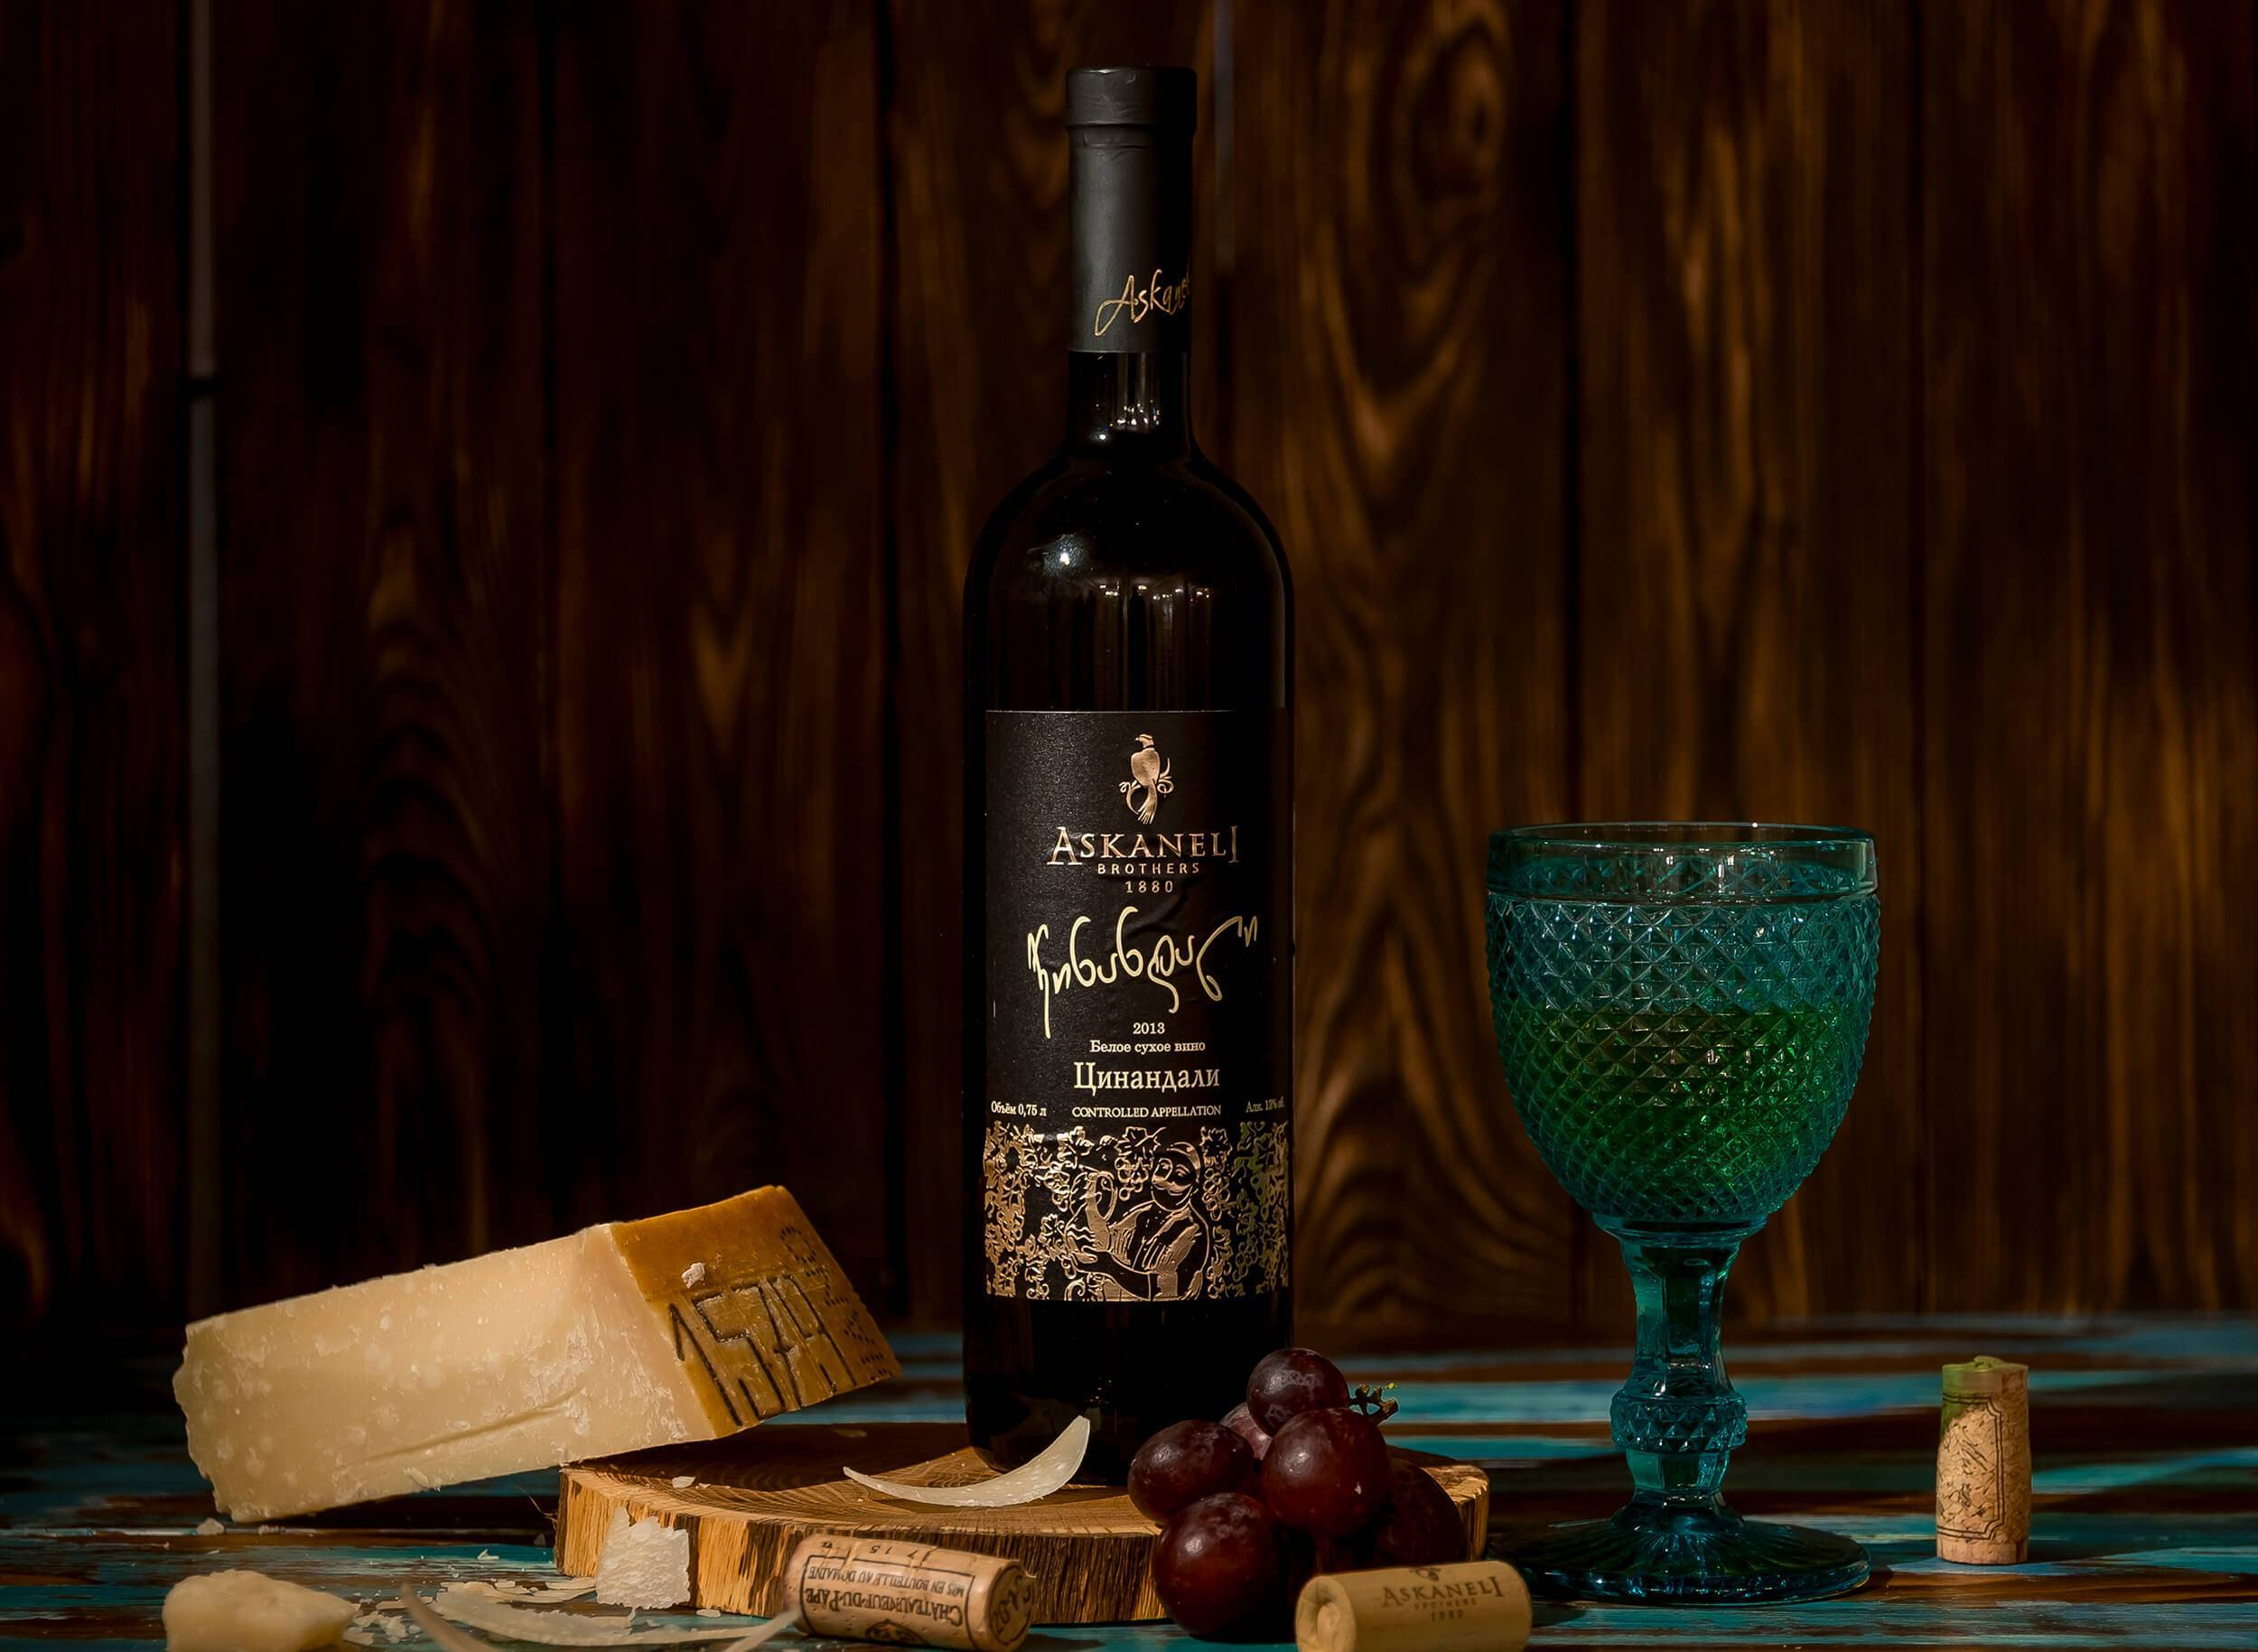 Вино хванчкара состав